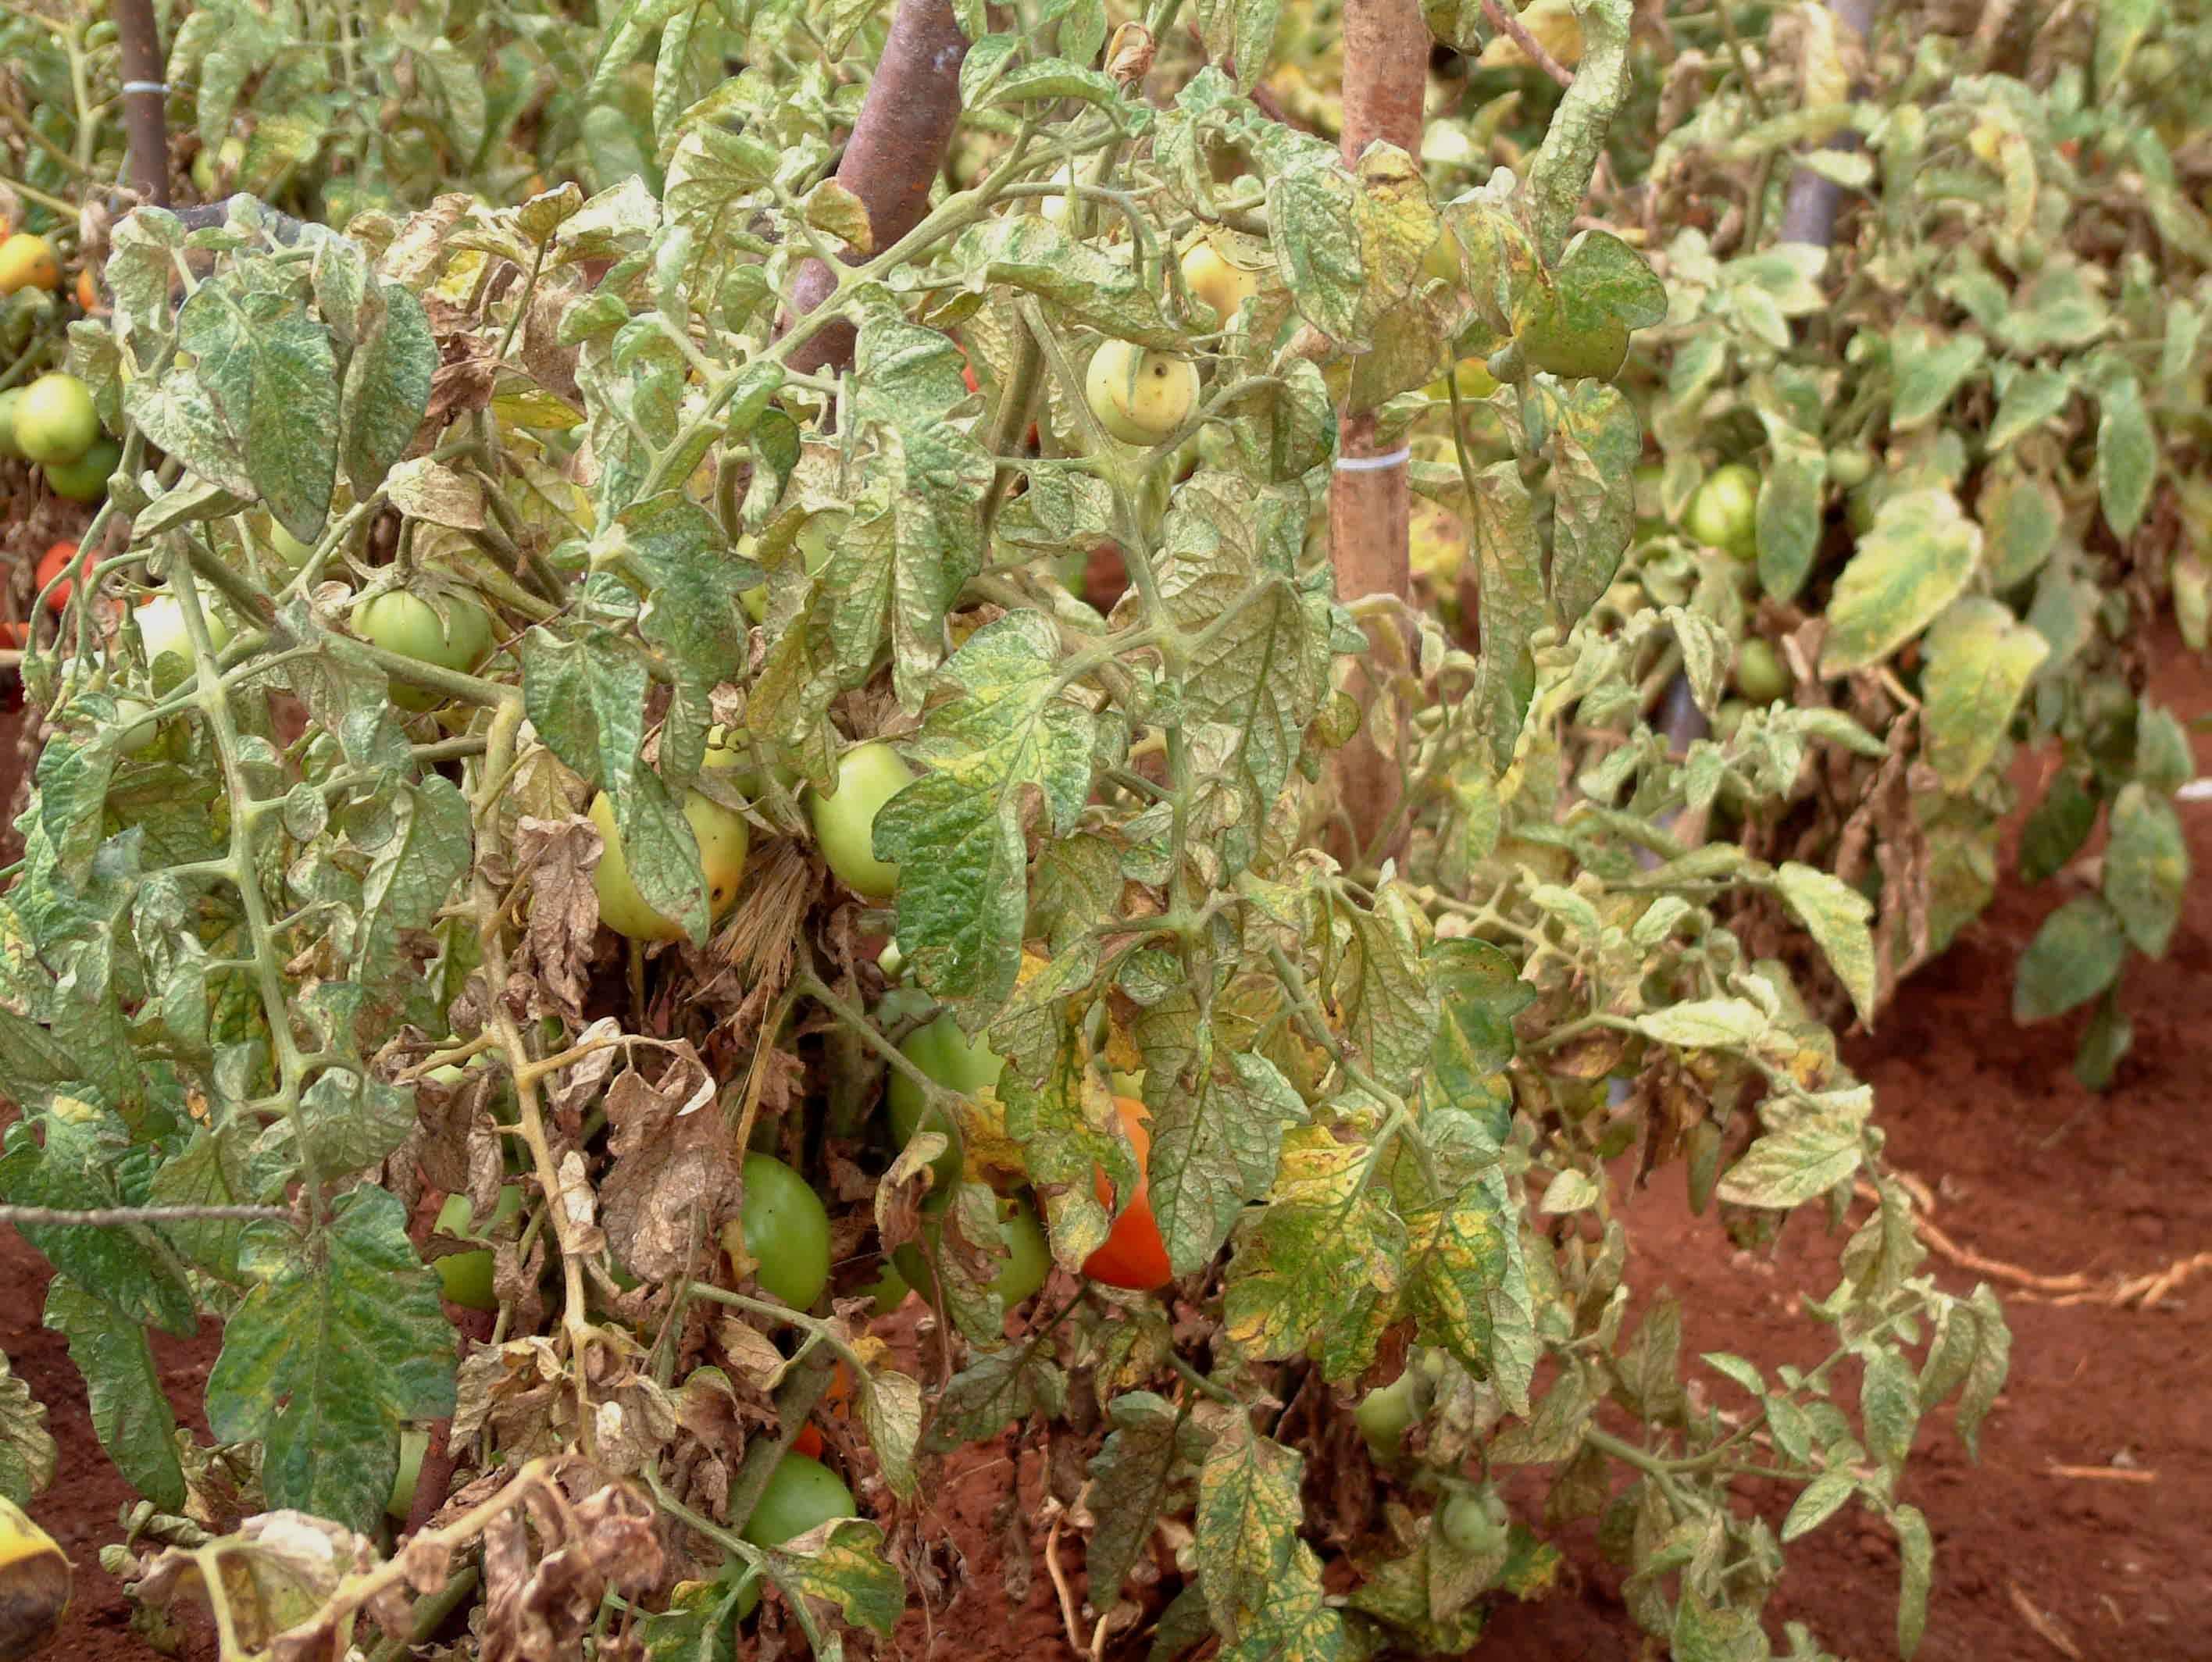 Severe Spider Mite Damage To Tomato Plants